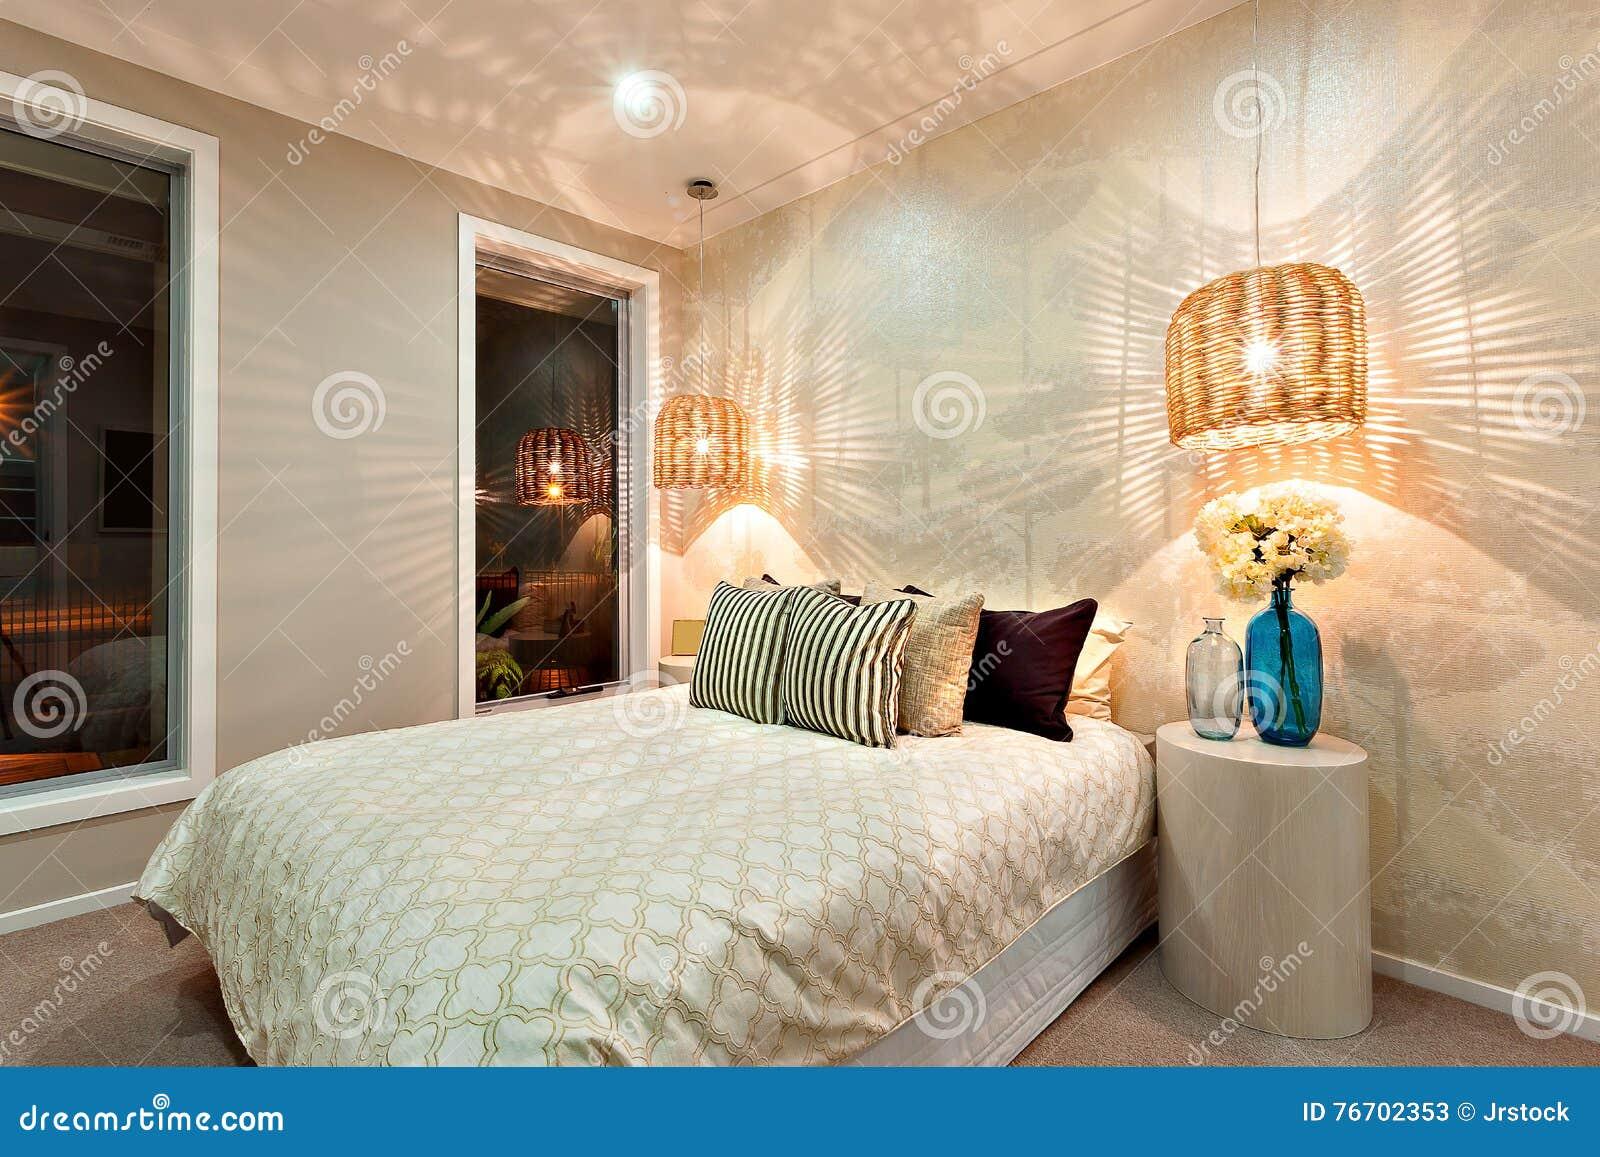 Πλάγια όψη μιας πολυτελούς κρεβατοκάμαρας με ένα κρεβάτι